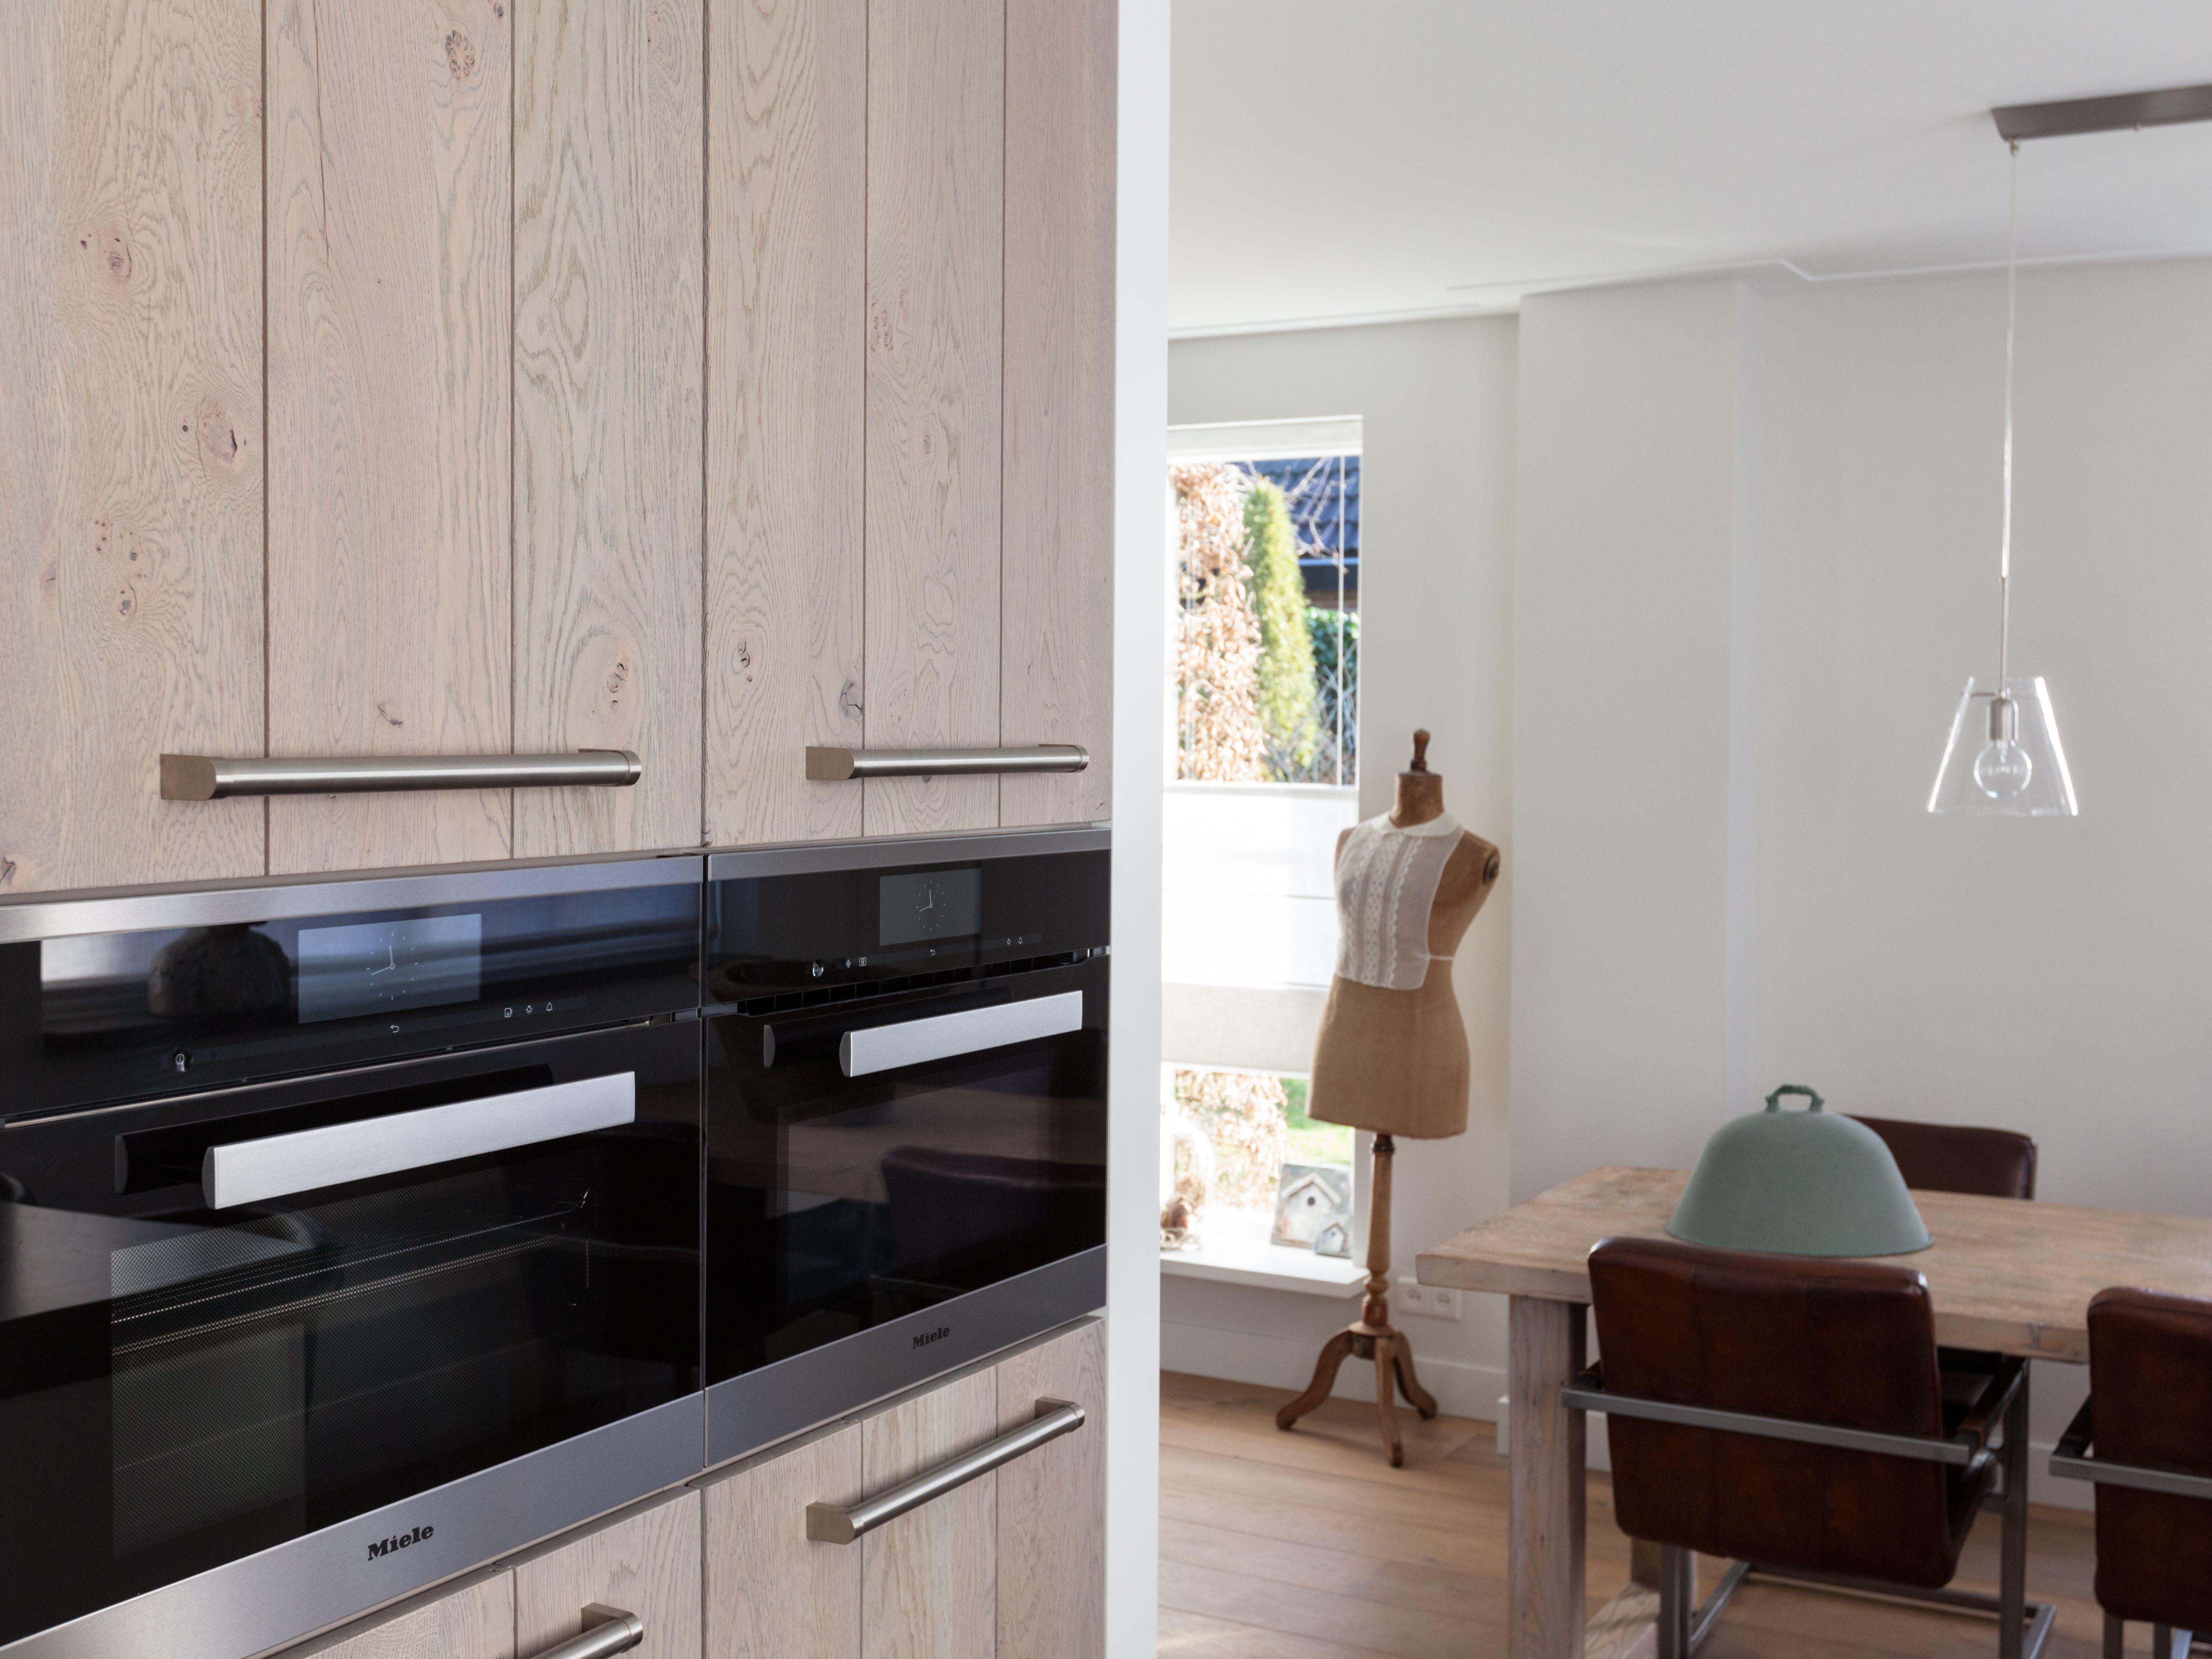 Deze keuken is een mooi voorbeeld van interieur wat zich qua stijl